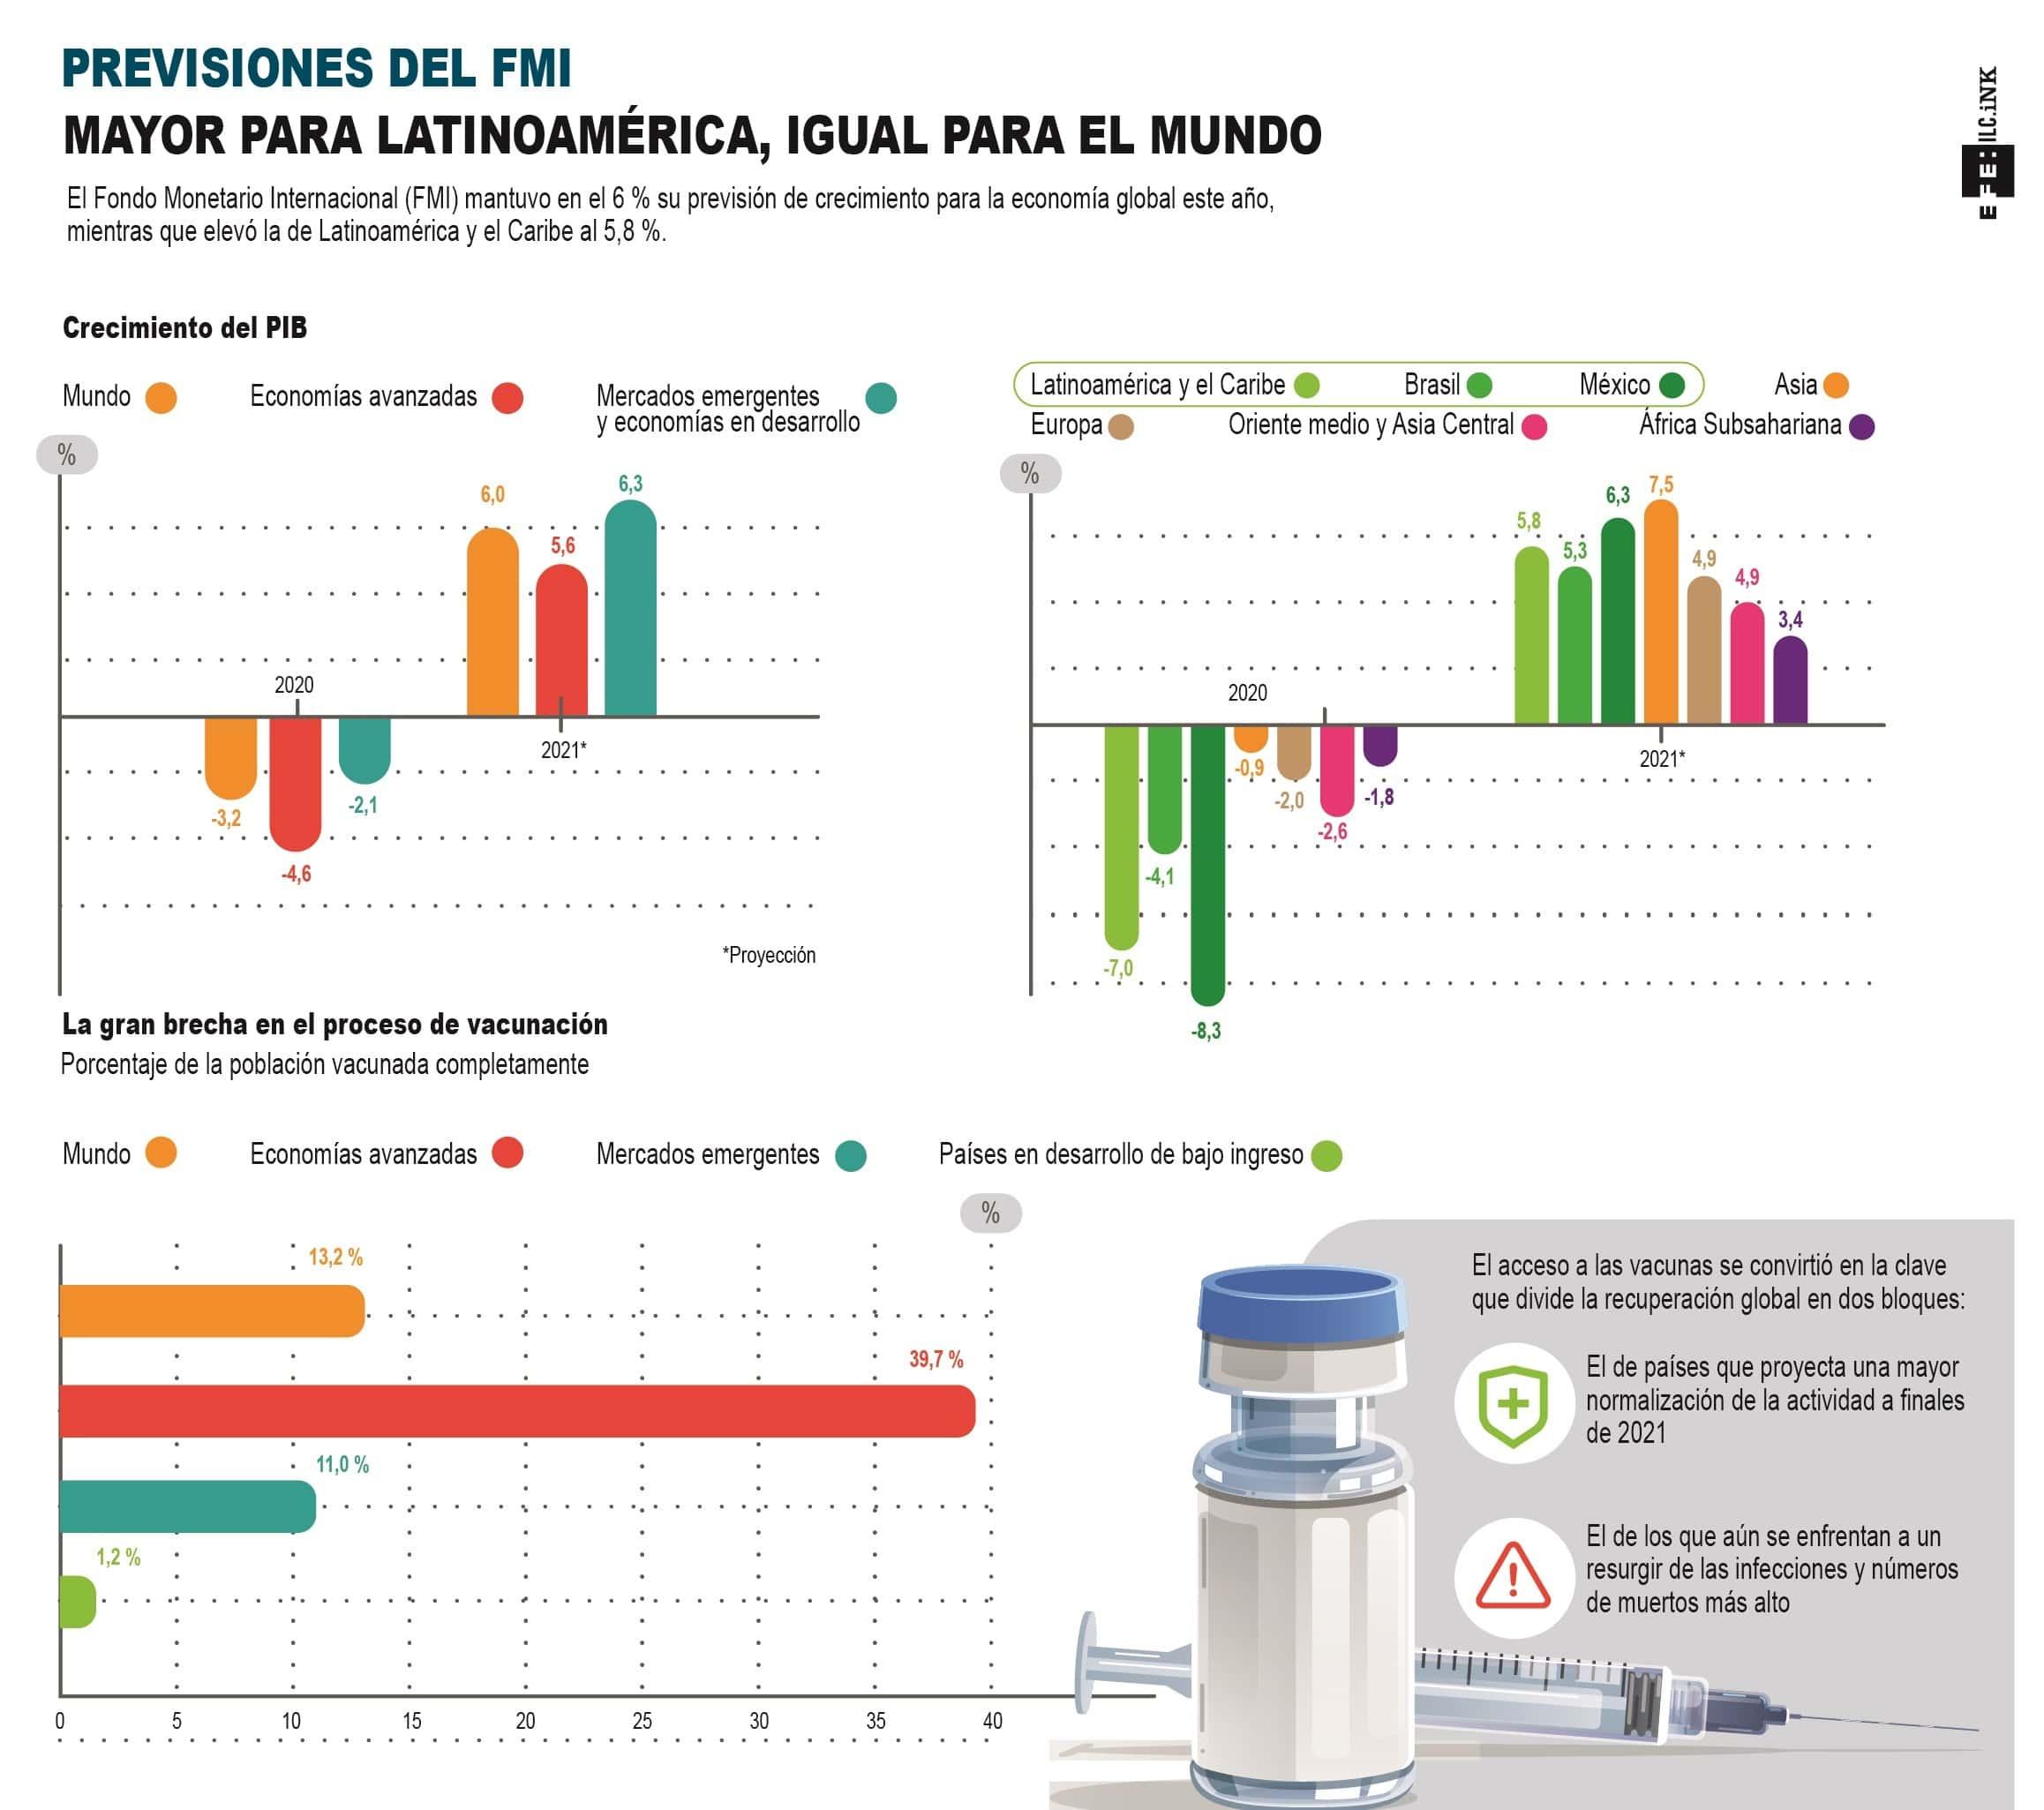 [Infografía] FMI eleva en 1,2 puntos el crecimiento latinoamericano en el 2021, hasta el 5,8 % 1